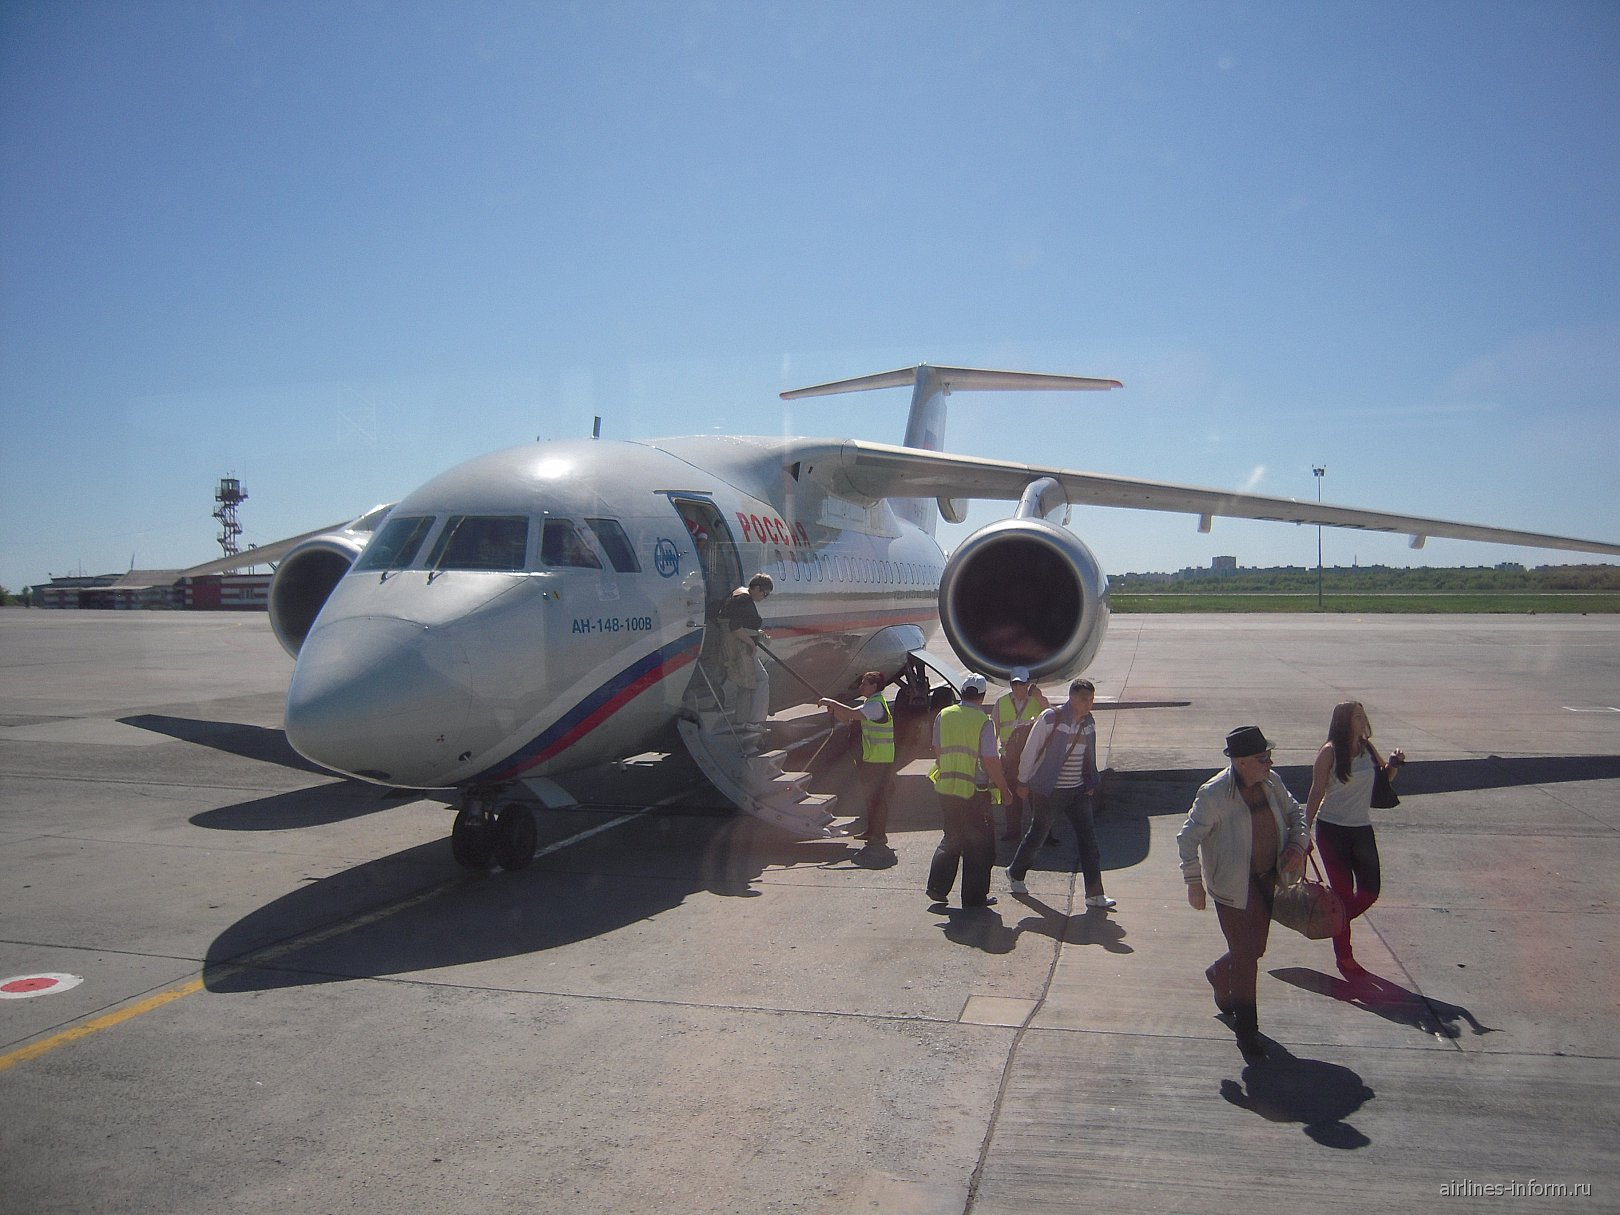 Ан-148 авиакомпании Россия в аэропорту Ростова-на-Дону